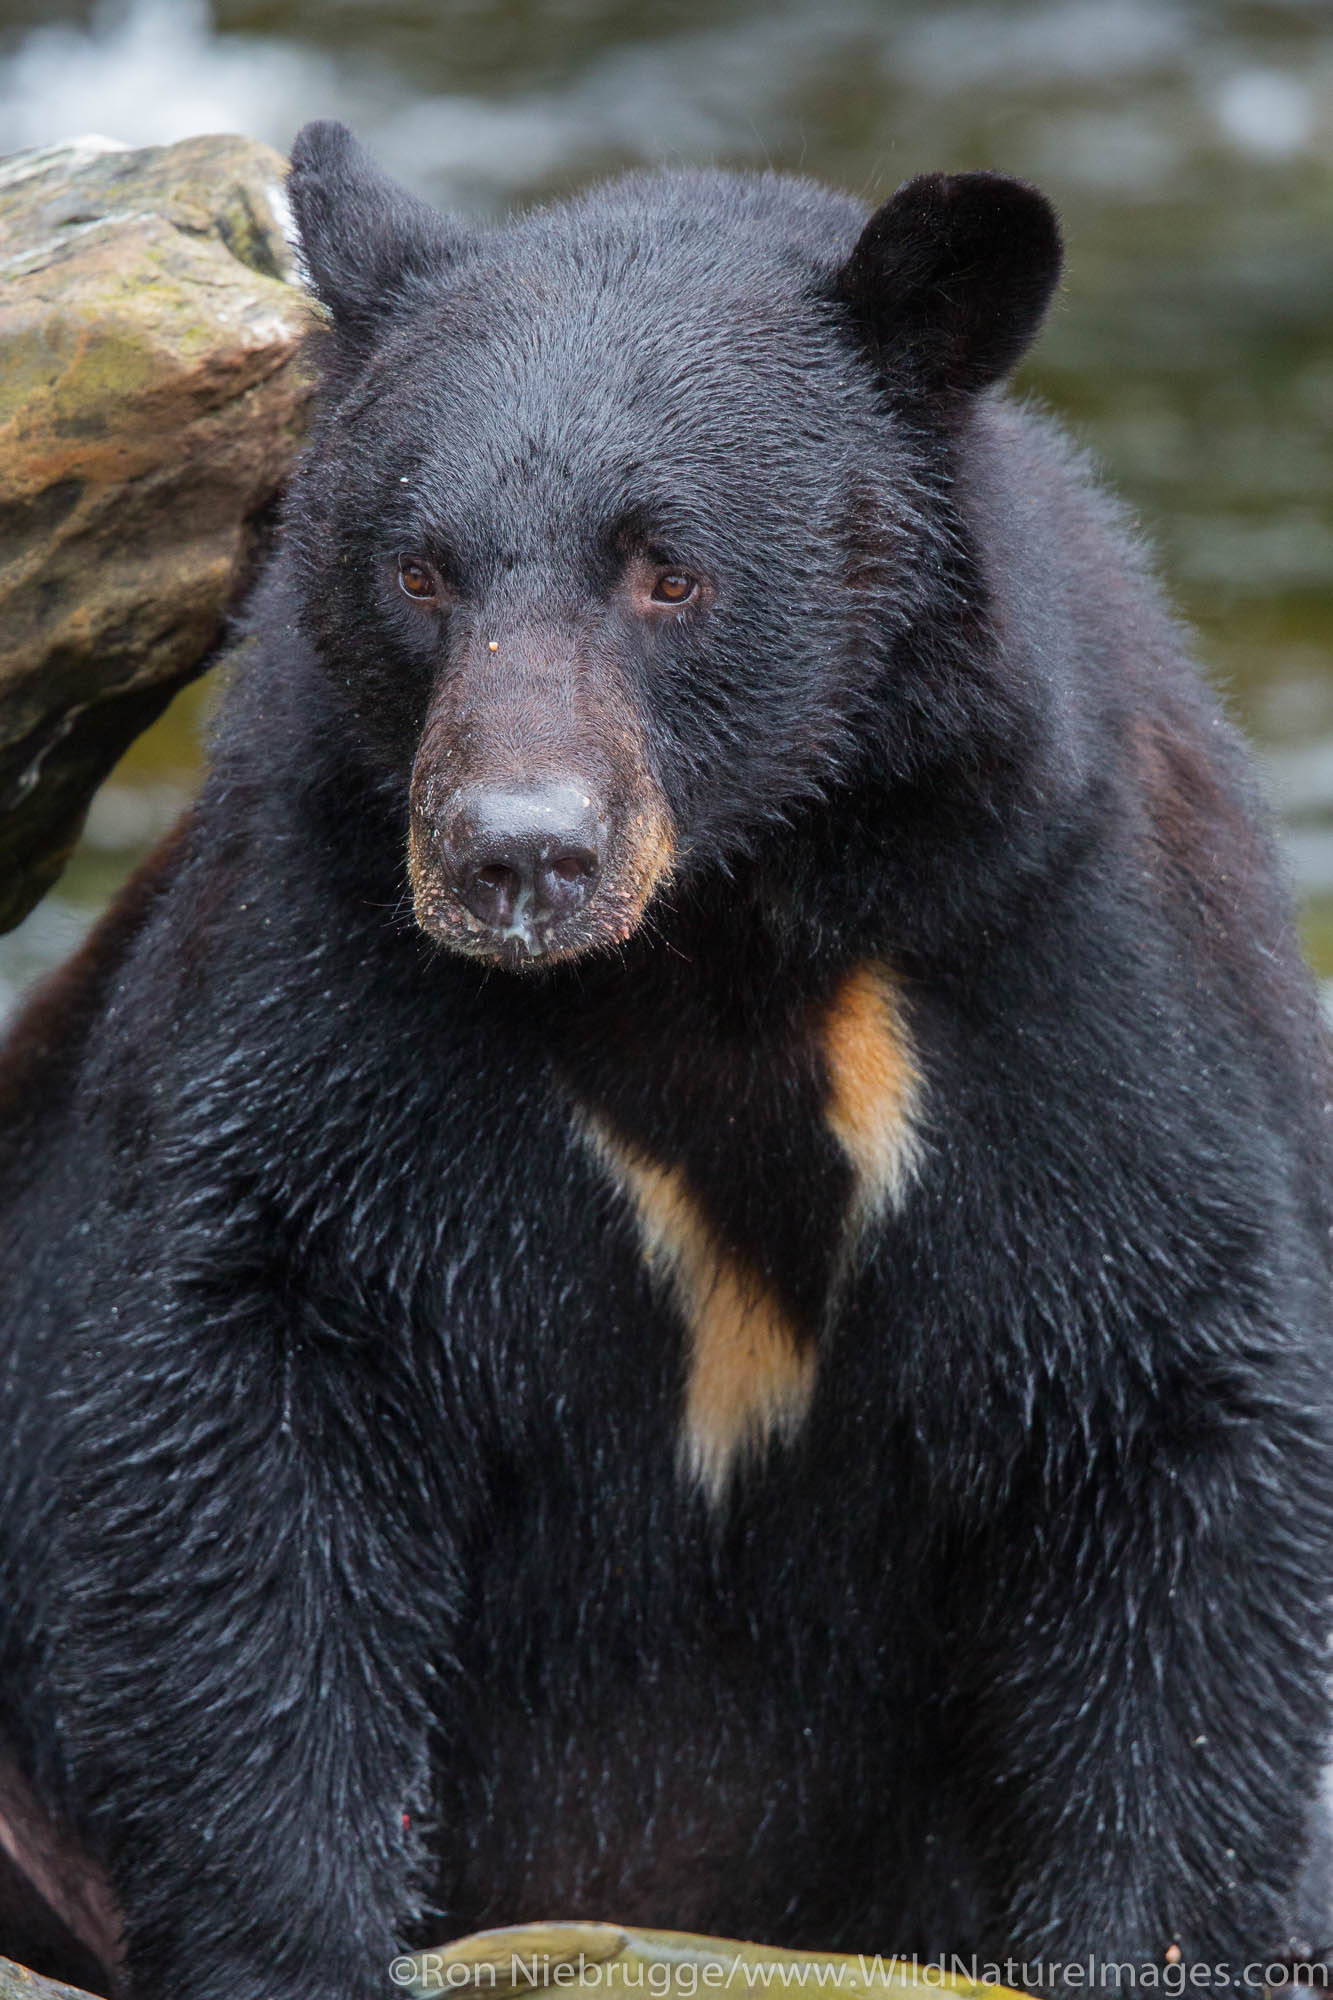 Black bear at Neets Bay, Tongass National Forest, Alaska.